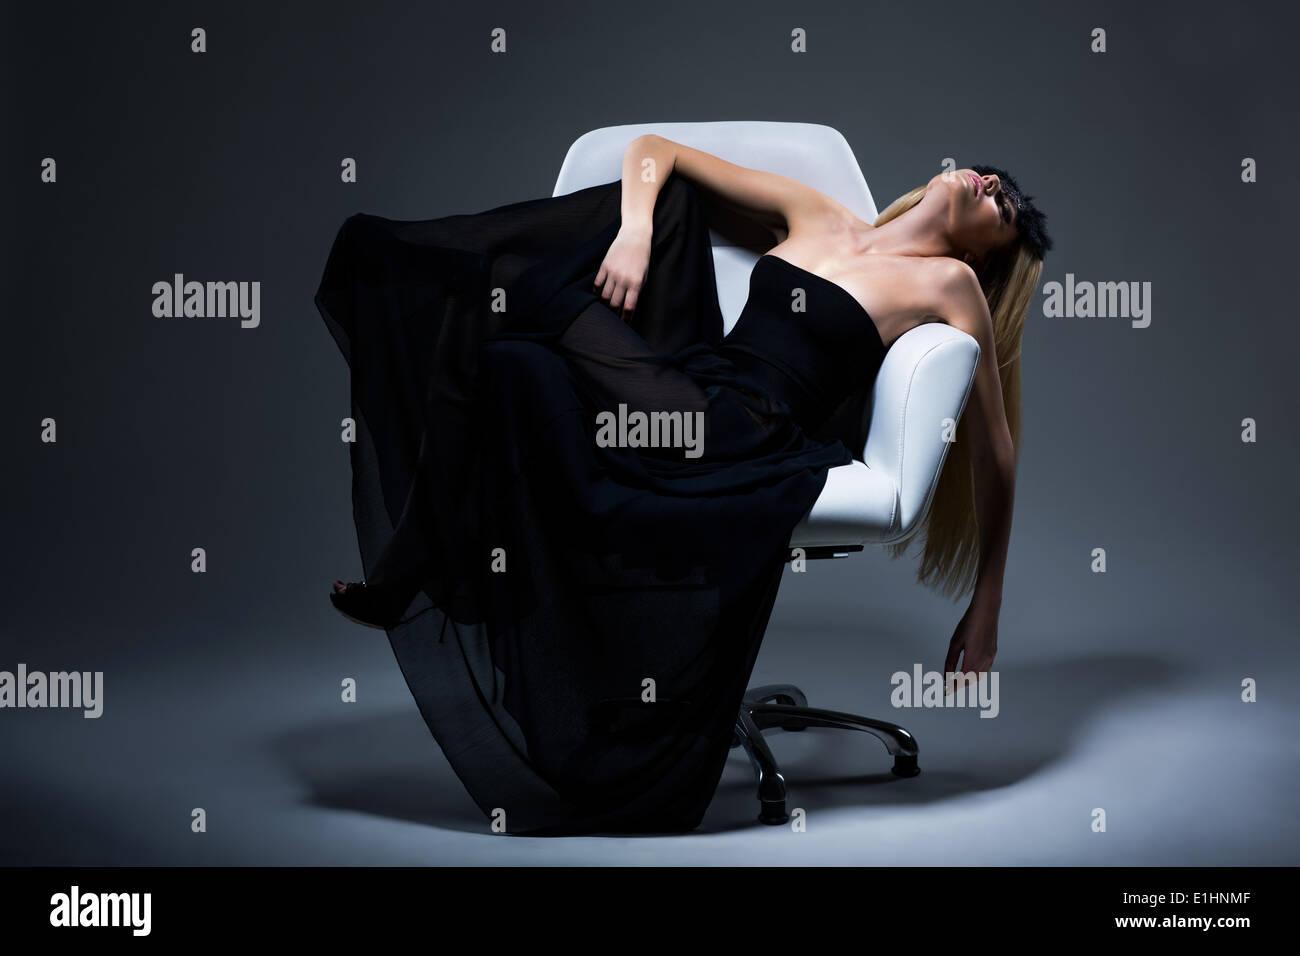 Armonía y sensualidad. Romántico hembra rubia en vestido negro descansando en un sillón. Satisfacción Imagen De Stock